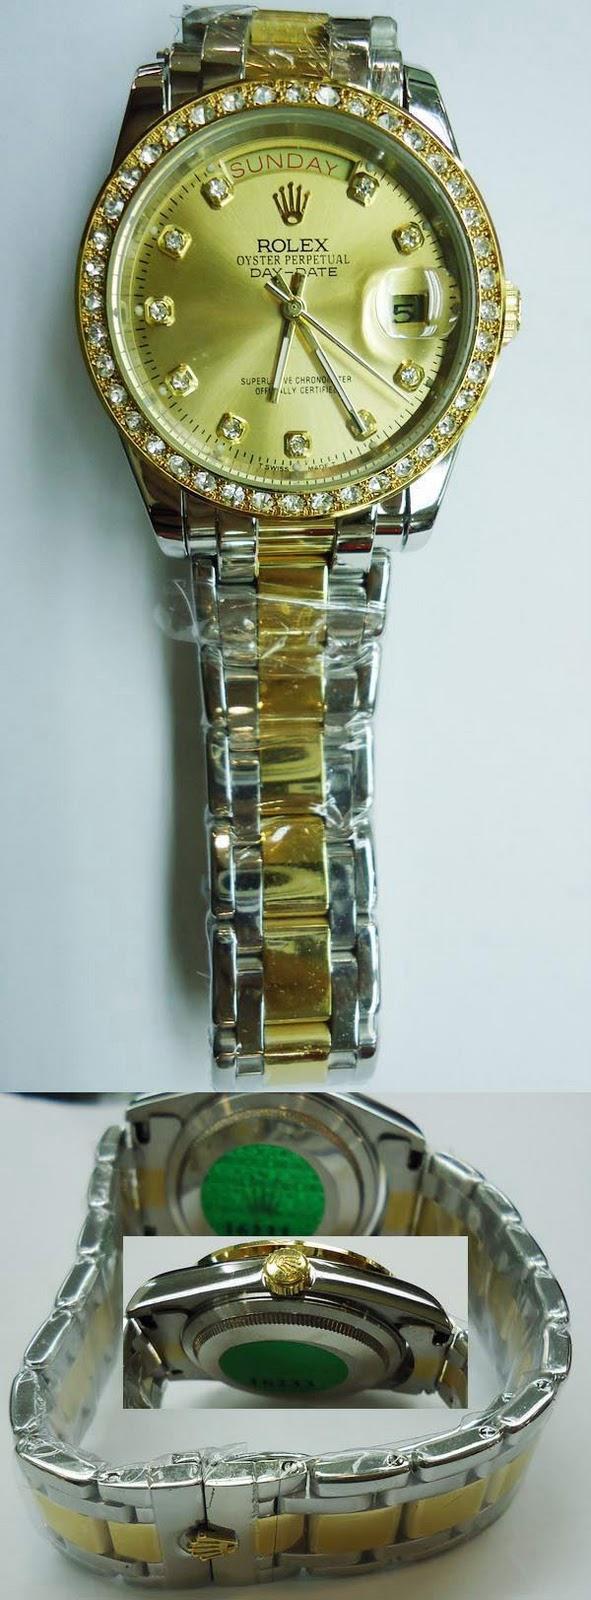 Kios Arloji Rolex For Man Chronoforce 5258mr Hitam Rosegold Ring Plat Warna Body Rose Gold Rantai Black Ada Fungsi Tanggal Diameter Lingkaran 41cm Lengkap Dgn Box Exclusive Khusus Jam